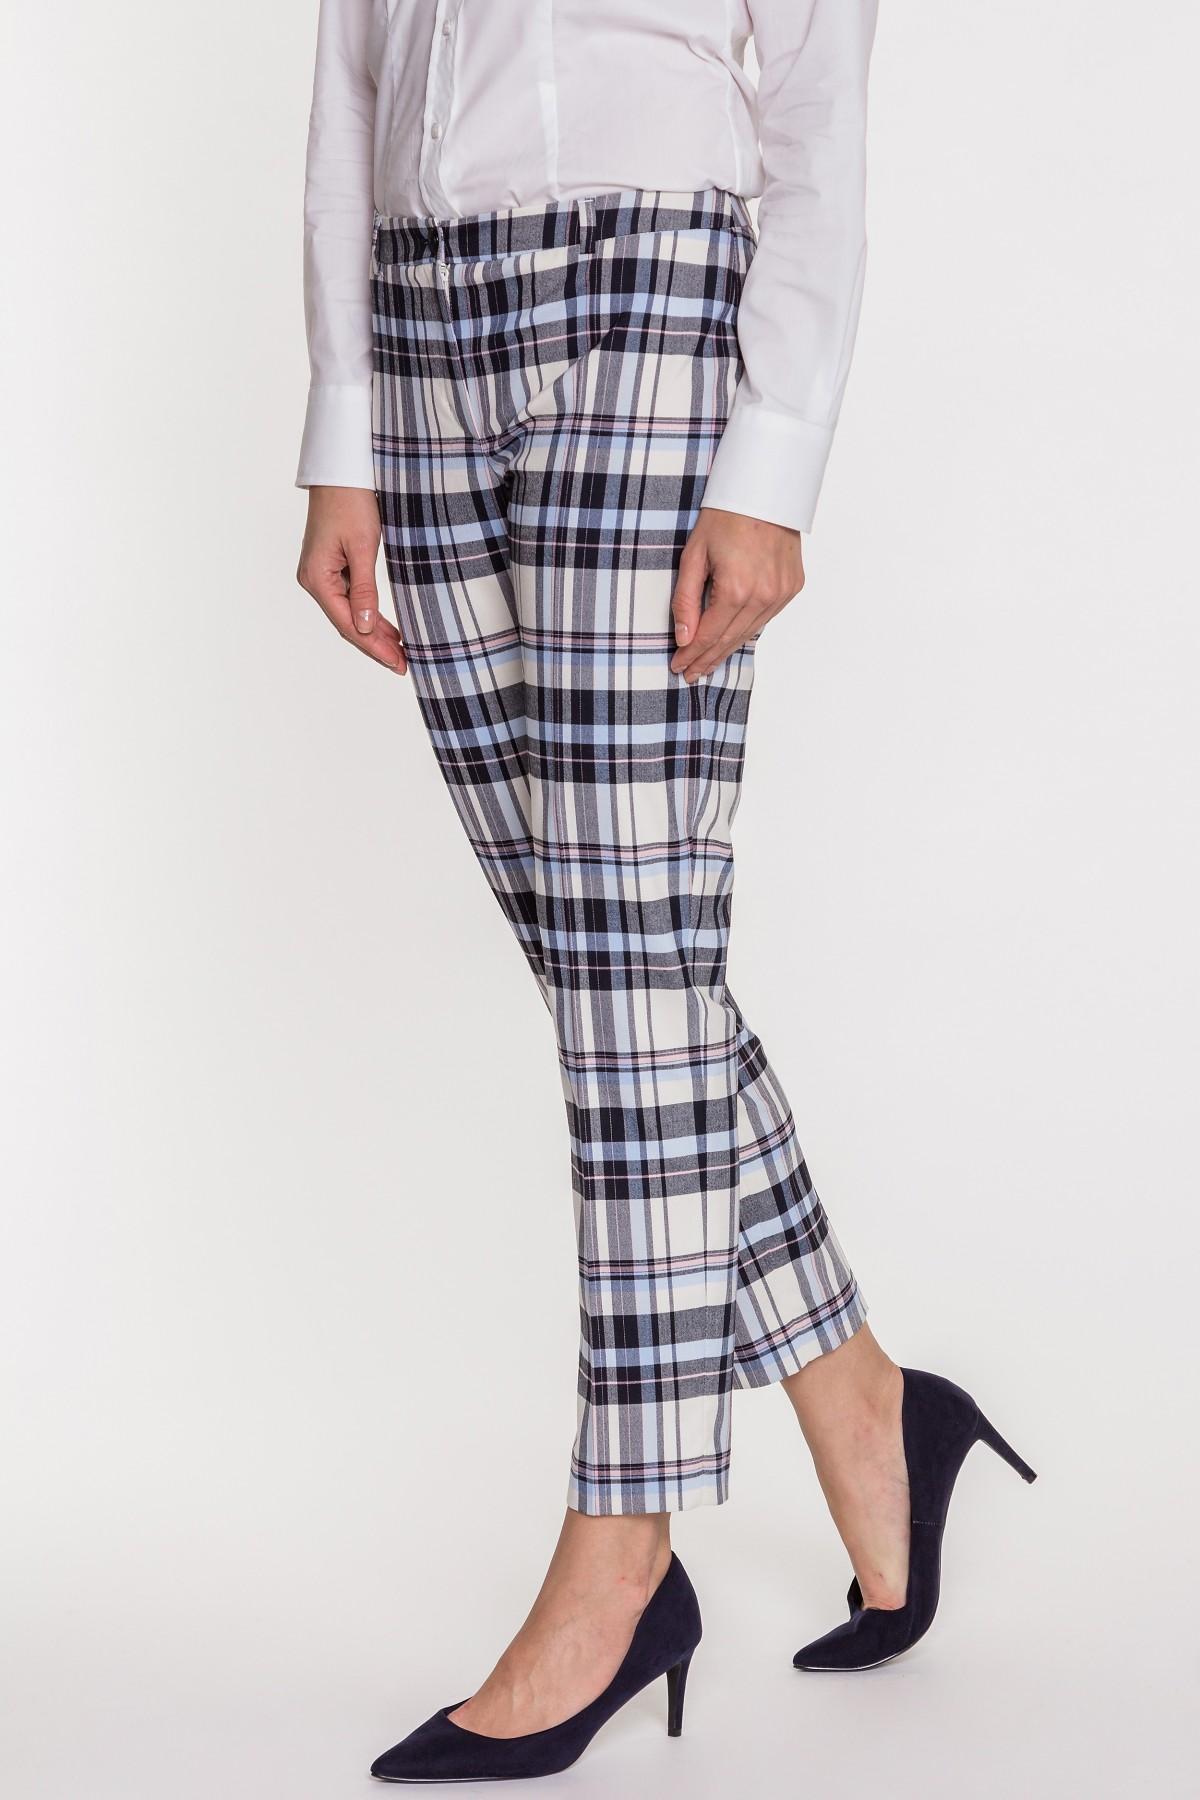 f1d5a33c51b22 Styl gwiazd – Marylin Monroe - Blog o modzie, urodzie i stylu